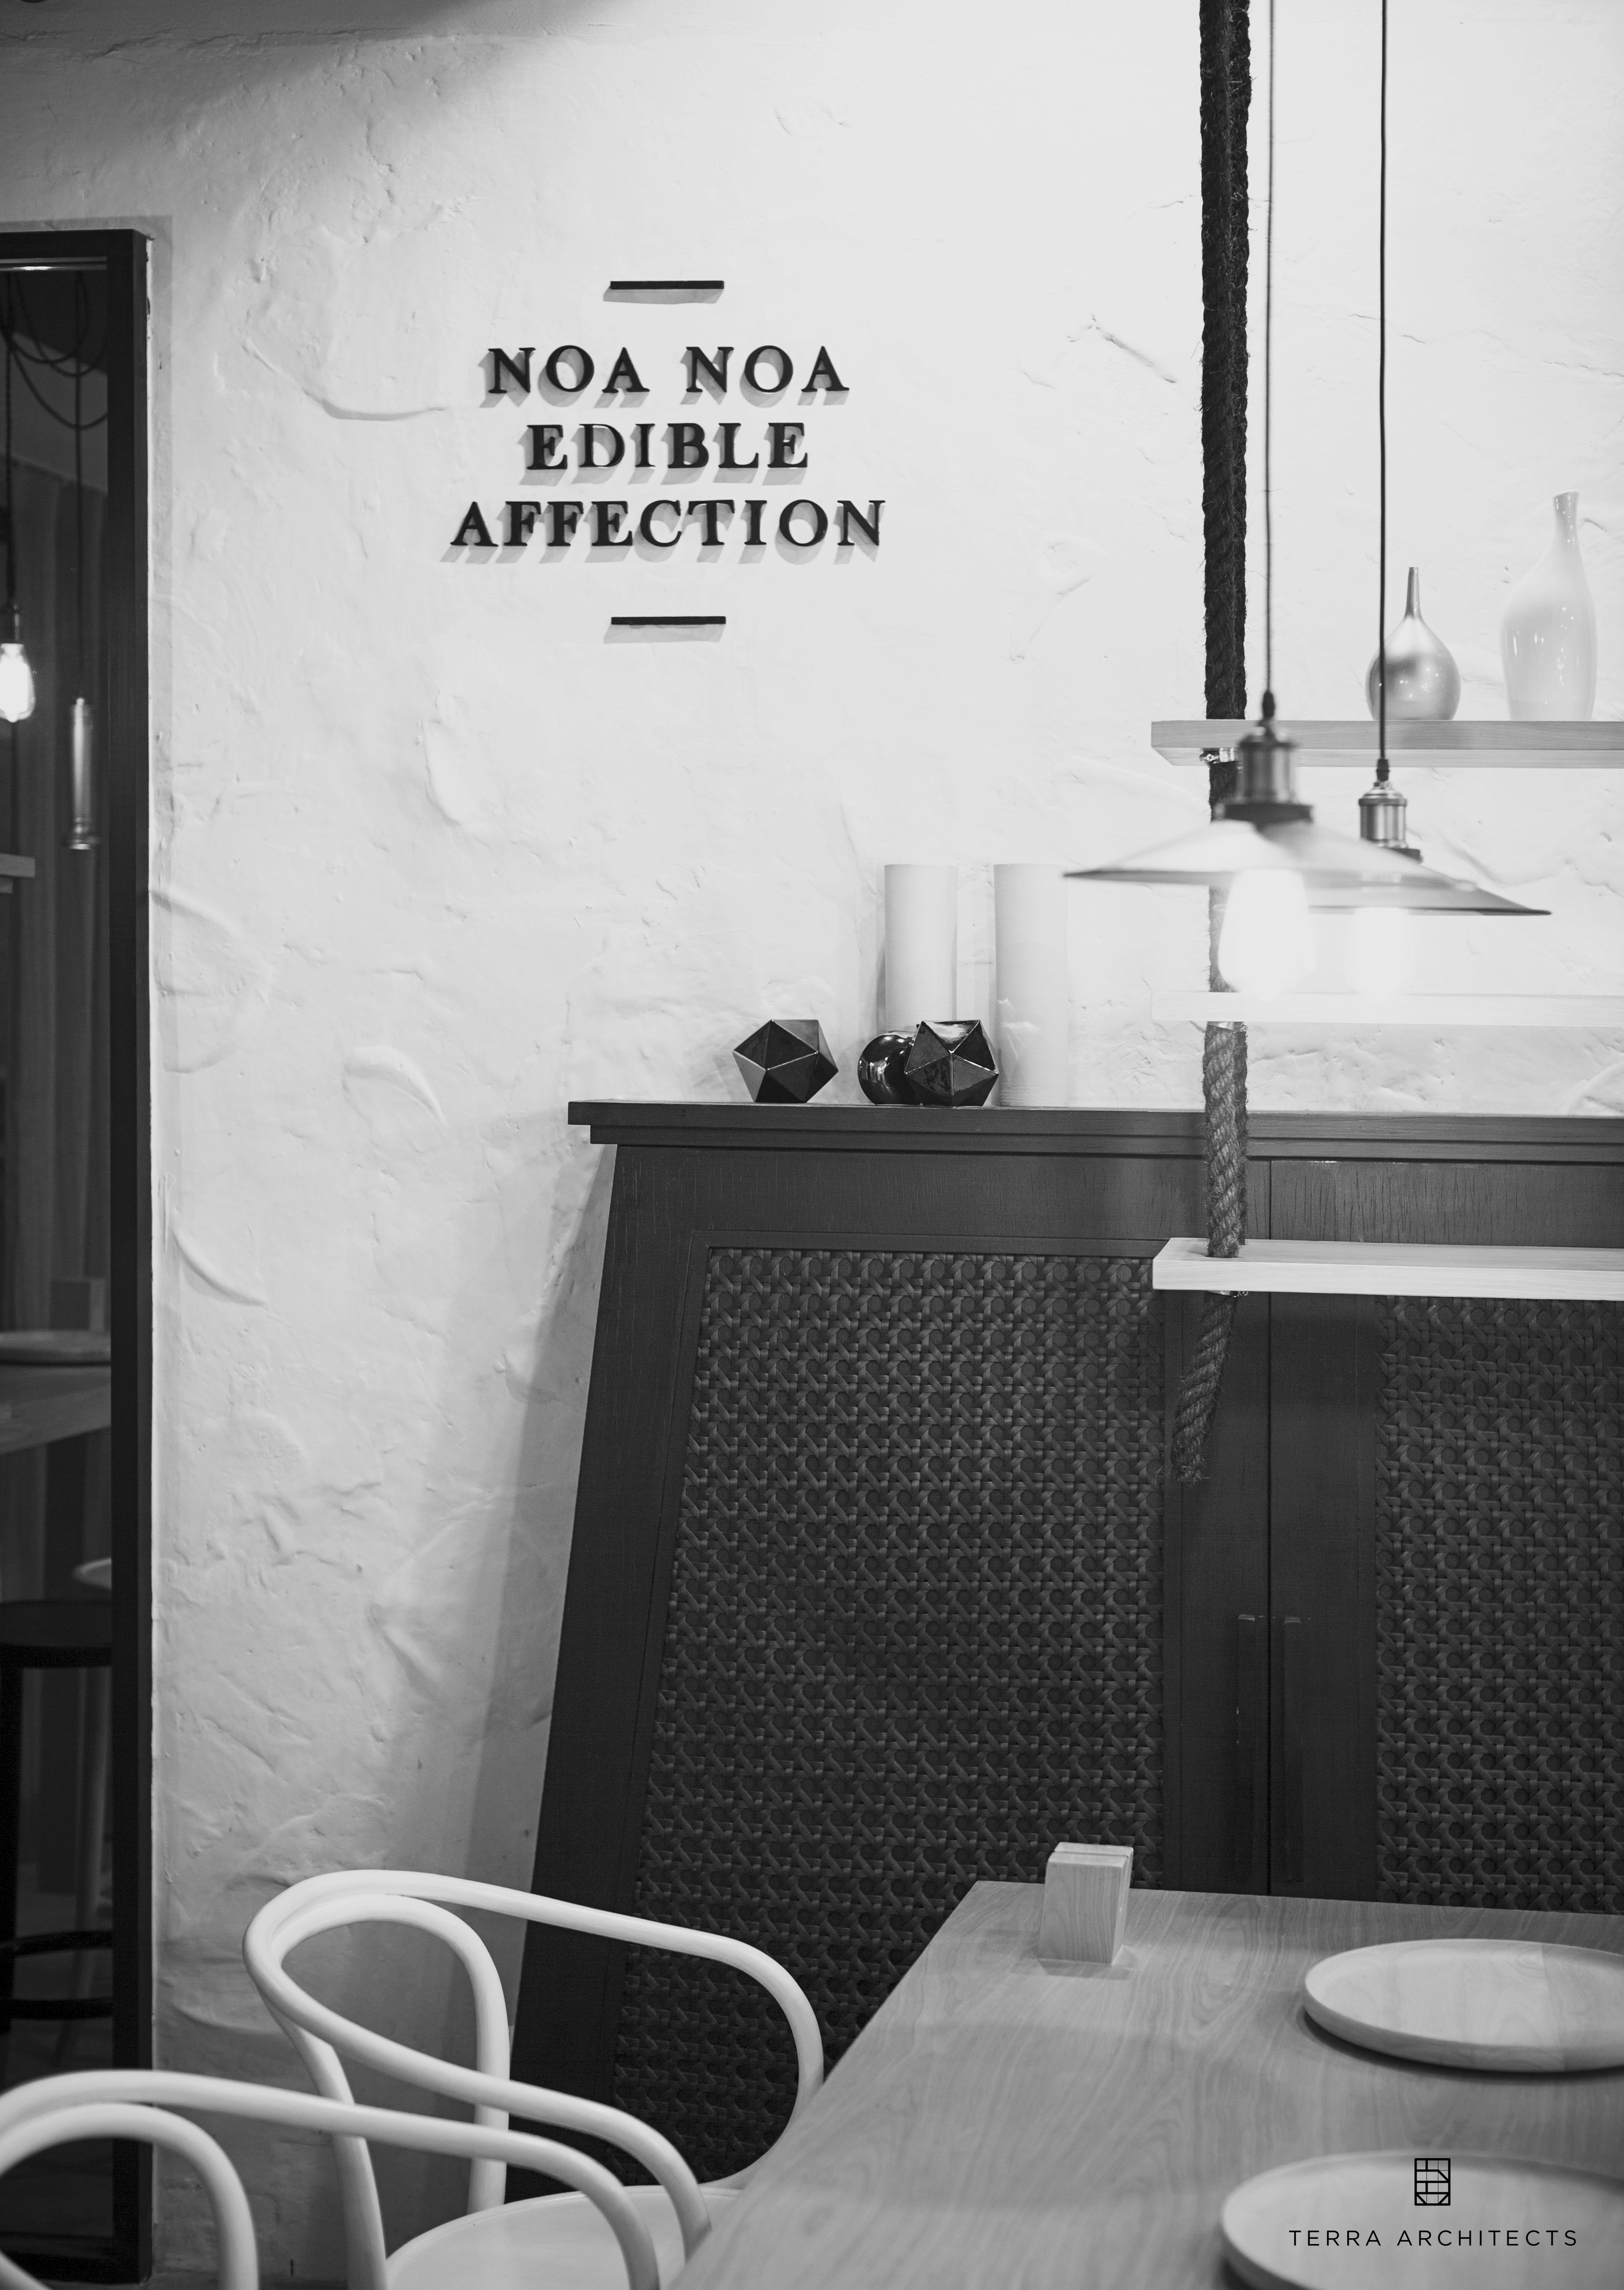 Noa Noa Restaurant